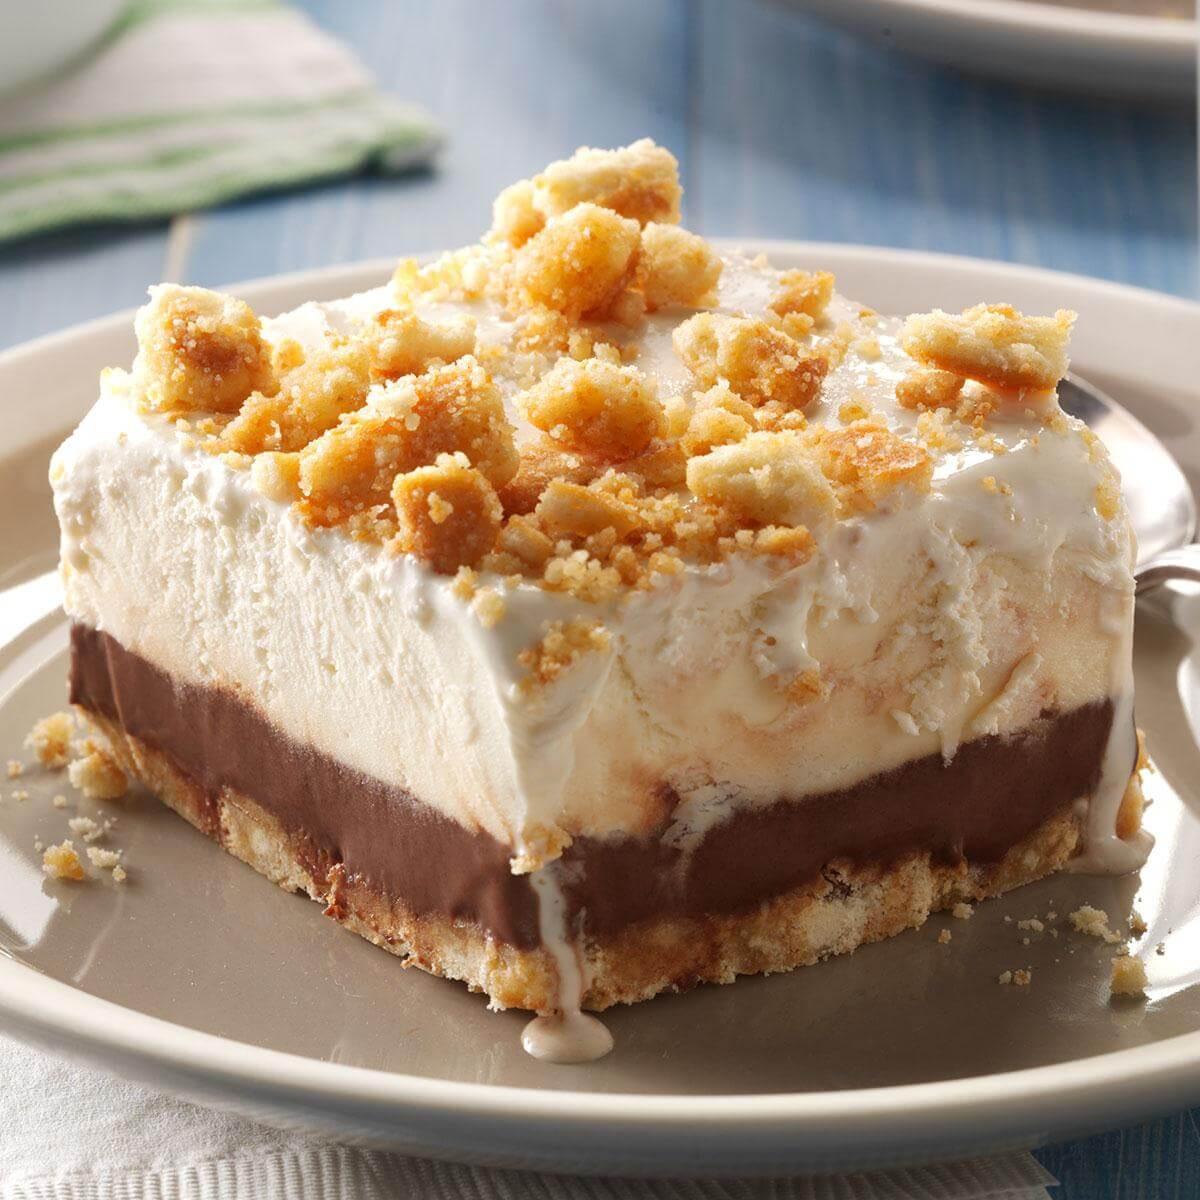 Dessert Ice Cream  Easy Ice Cream Sundae Dessert Recipe